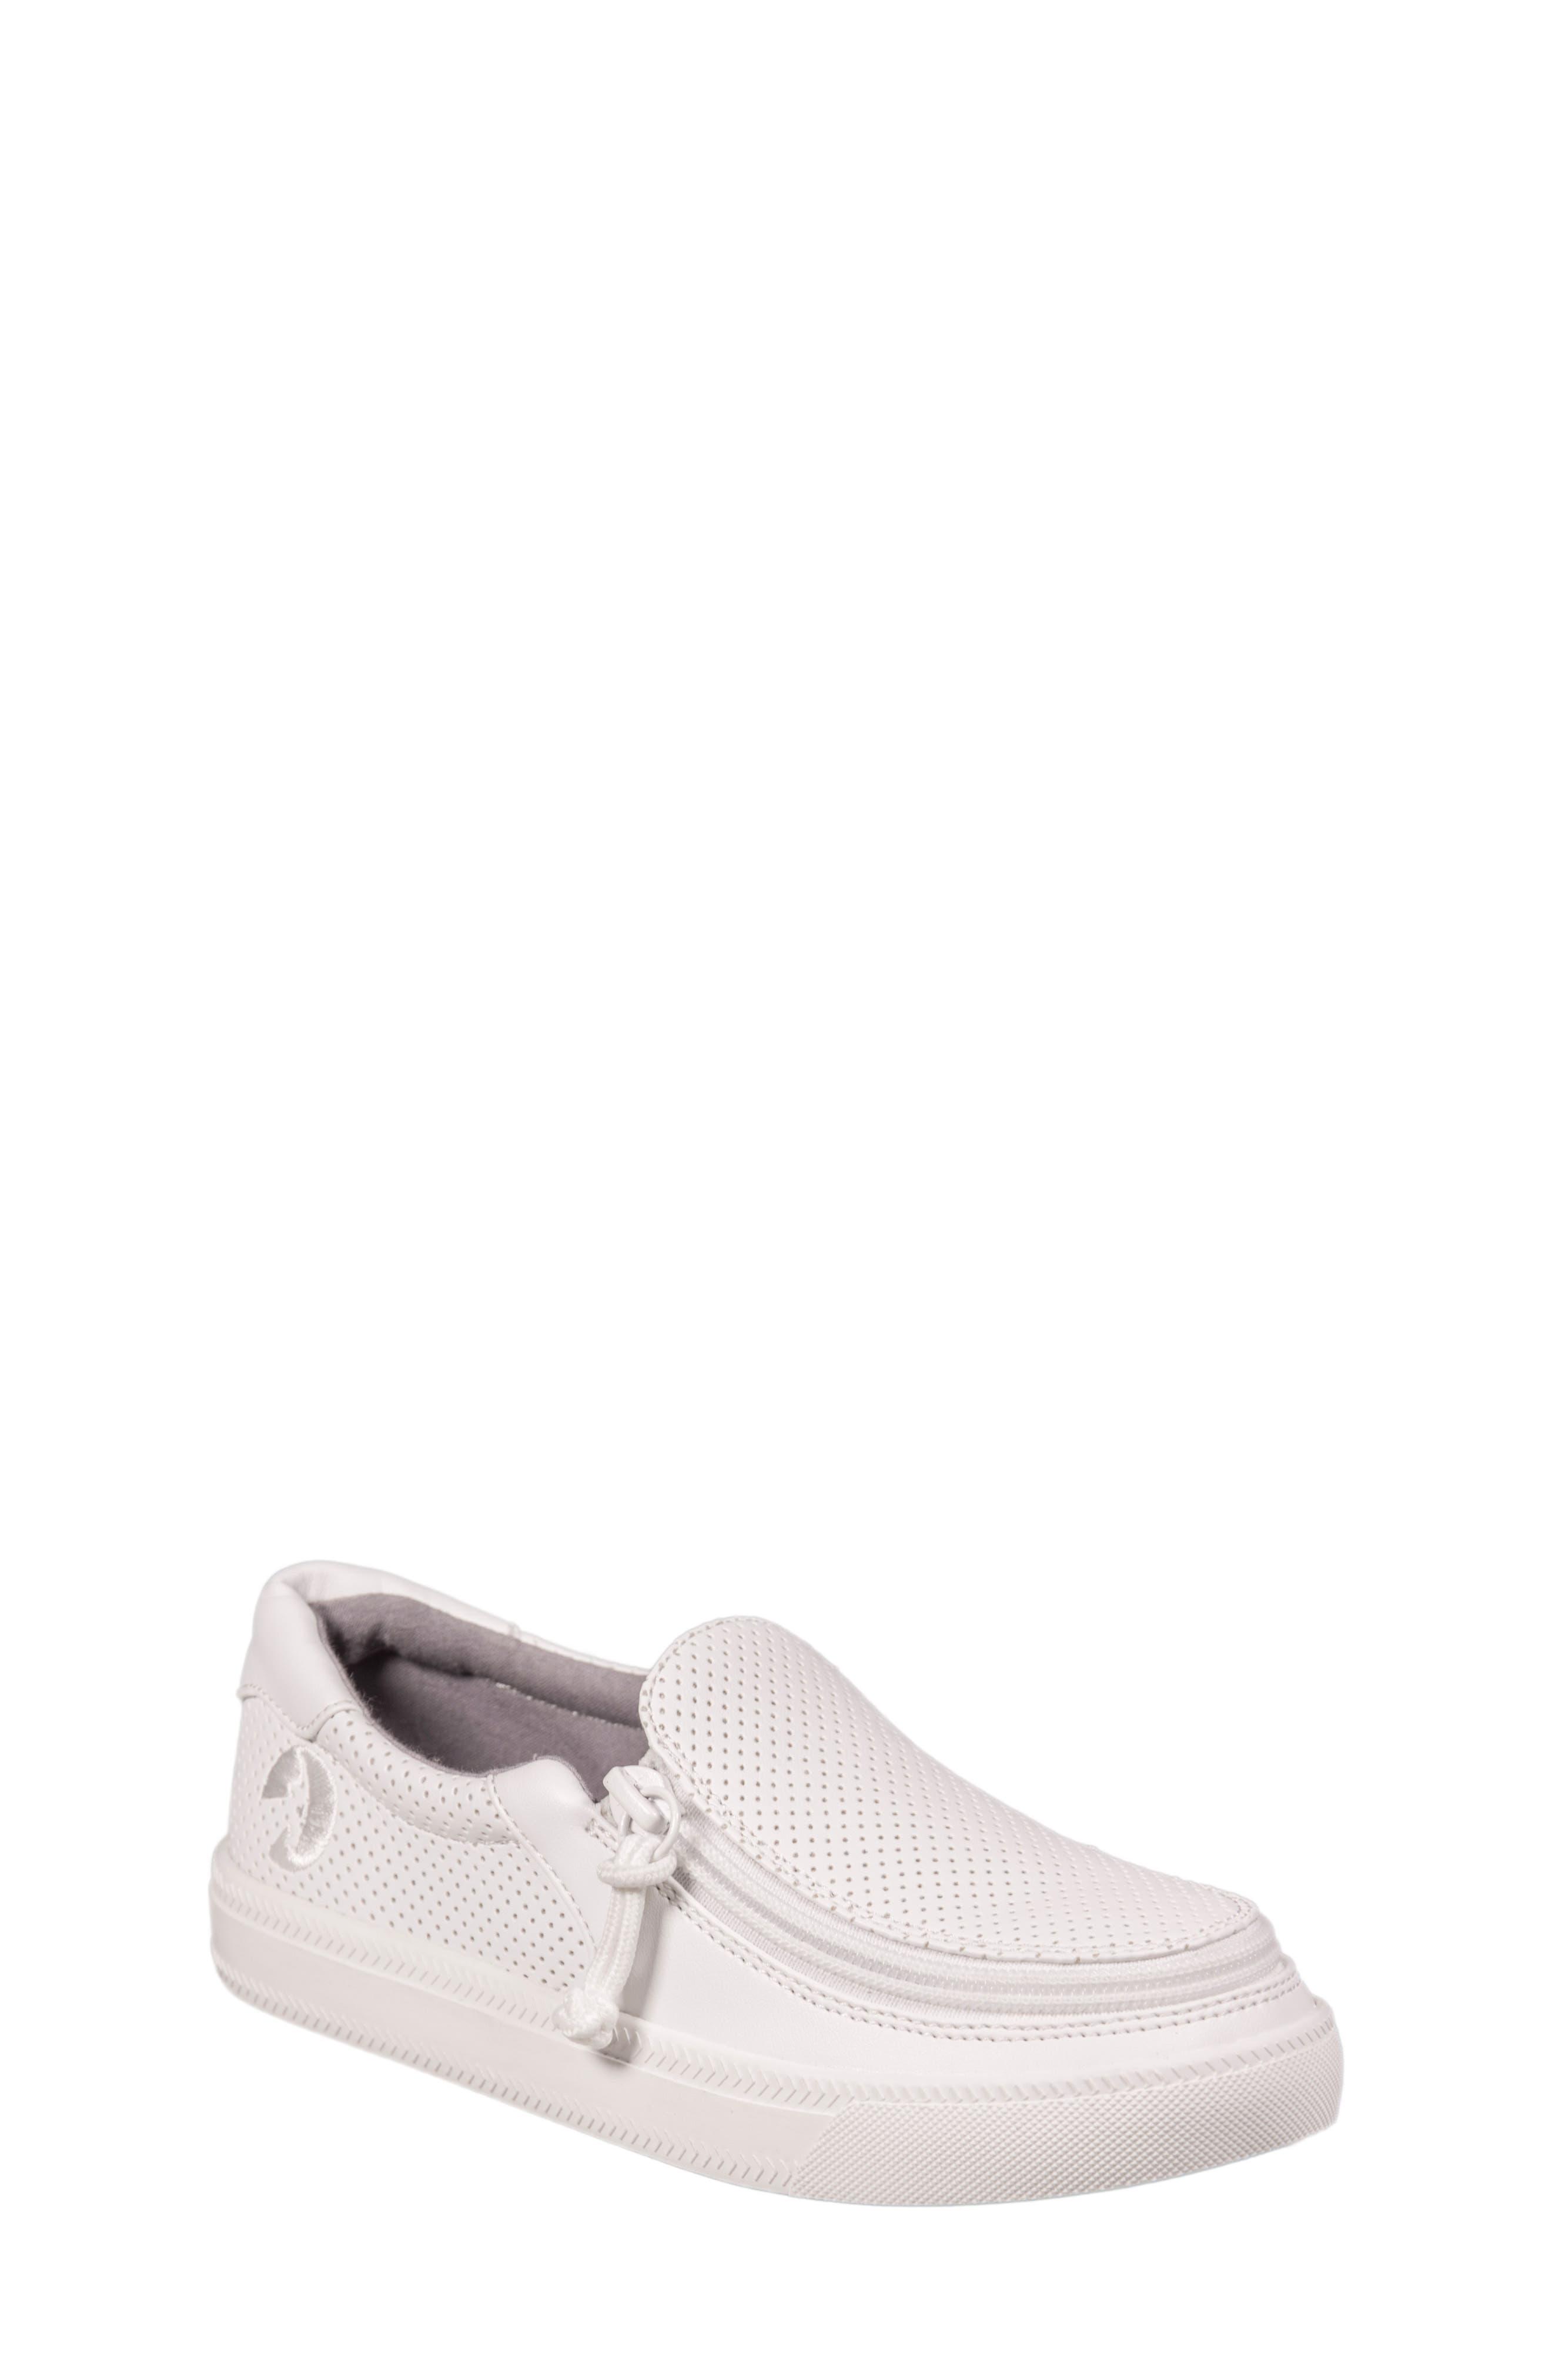 BILLY Footwear Zip Around Perforated Low Top Sneaker (Toddler, Little Kid & Big Kid)